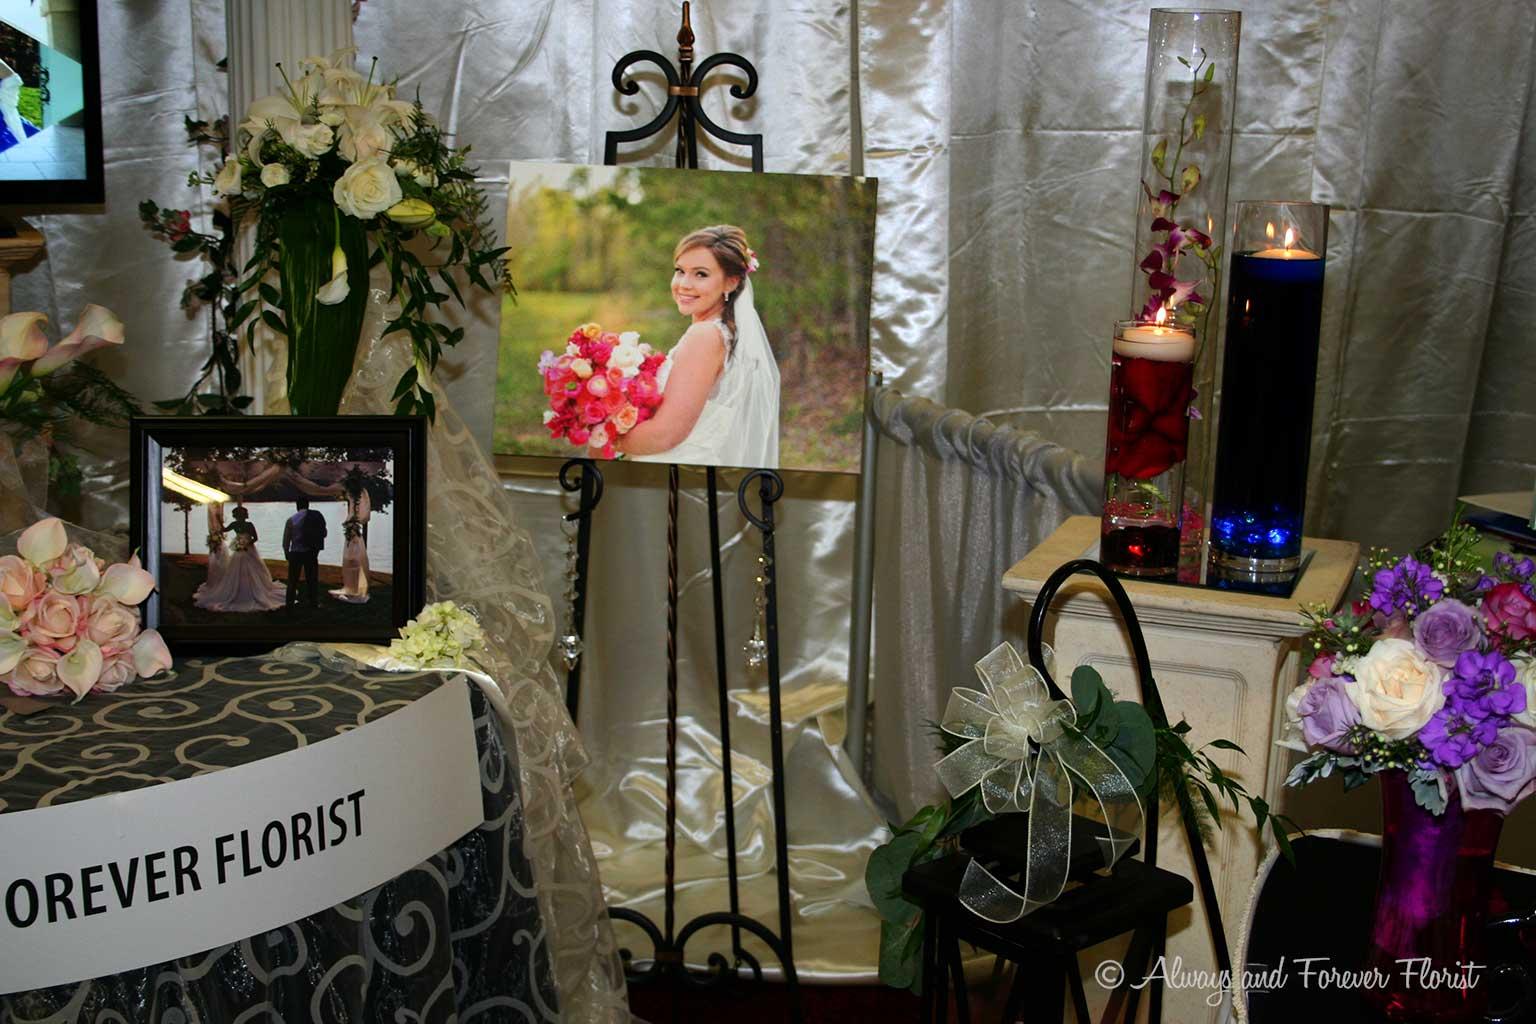 Display Booth At NC Bridal Wedding Show 2016